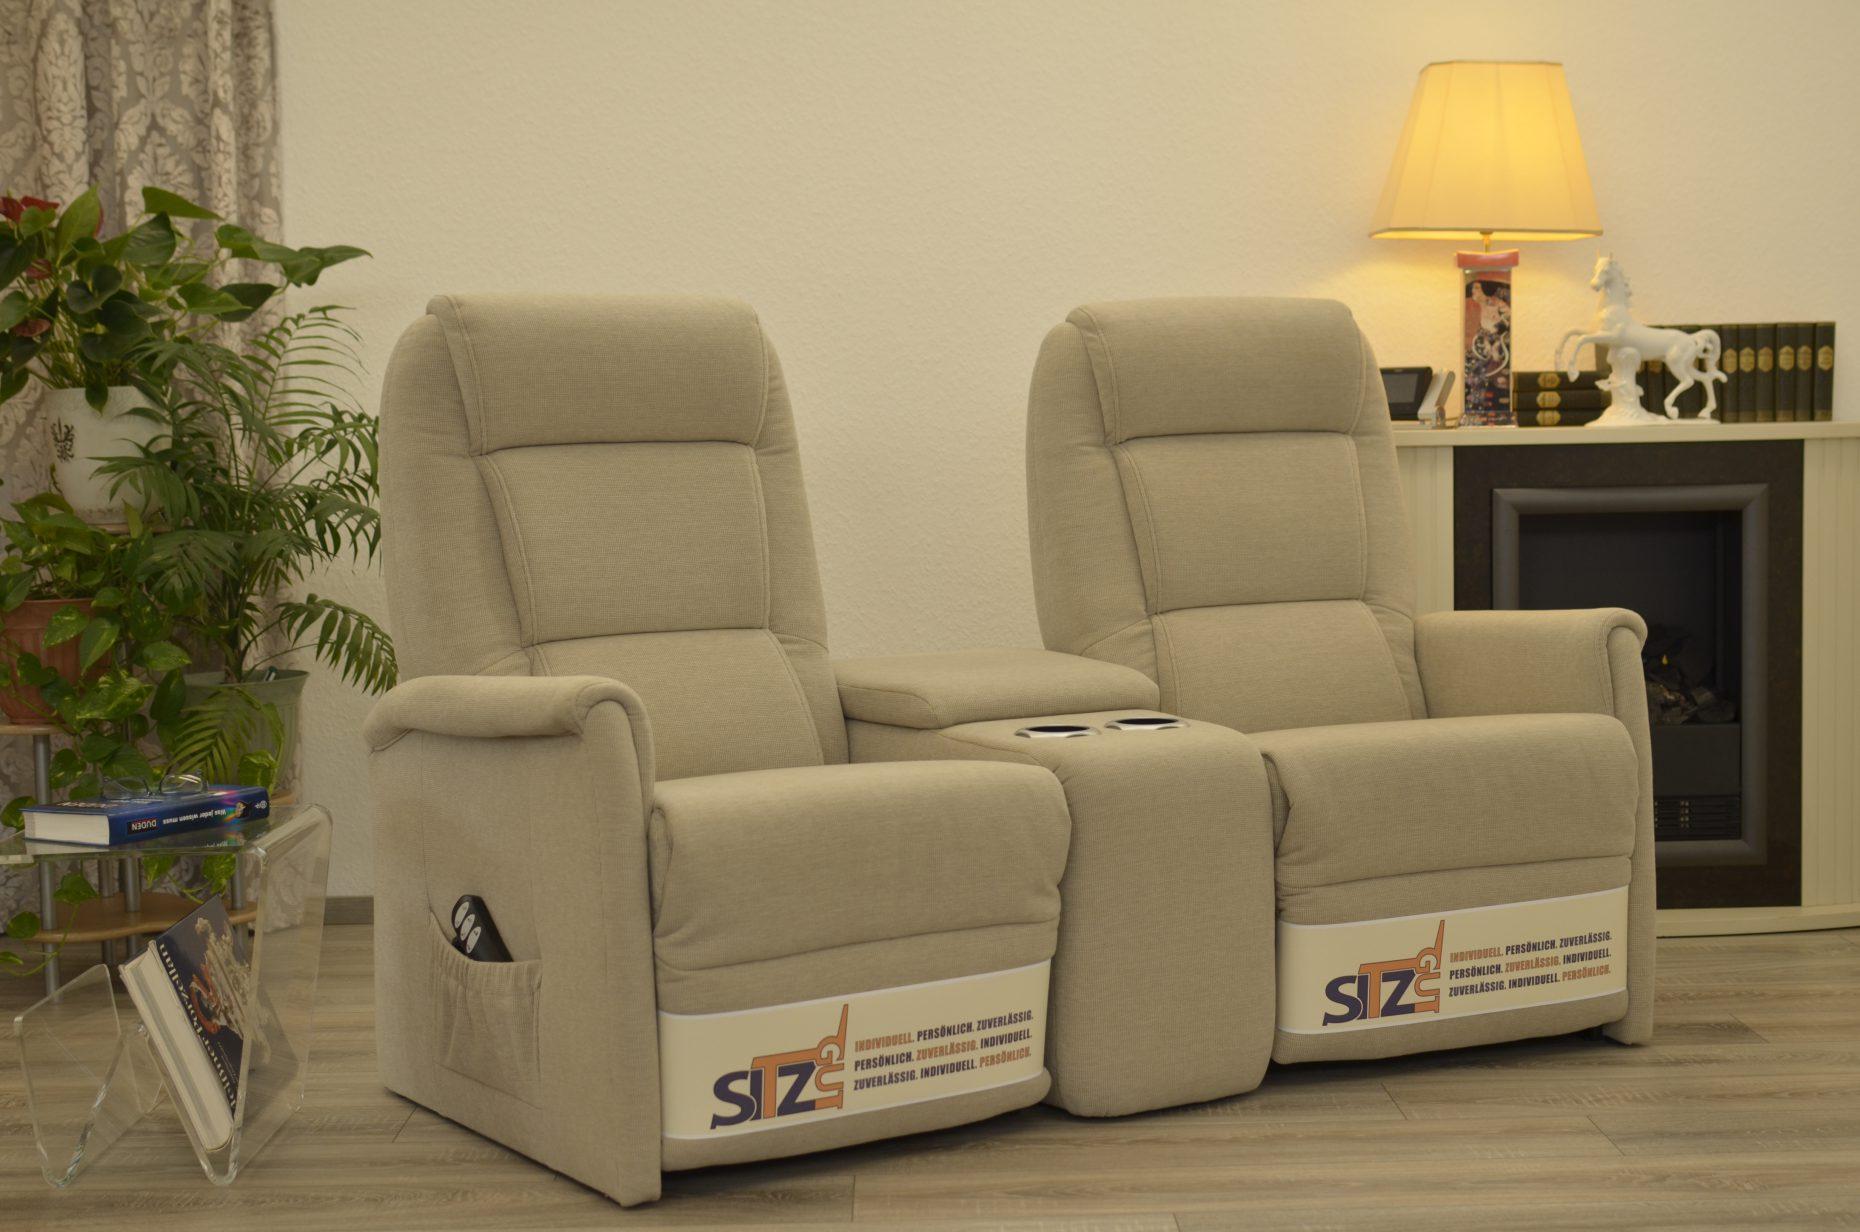 Doppelsessel Mit Elektrischer Aufstehfunktion Sesselstudio Sitzgut